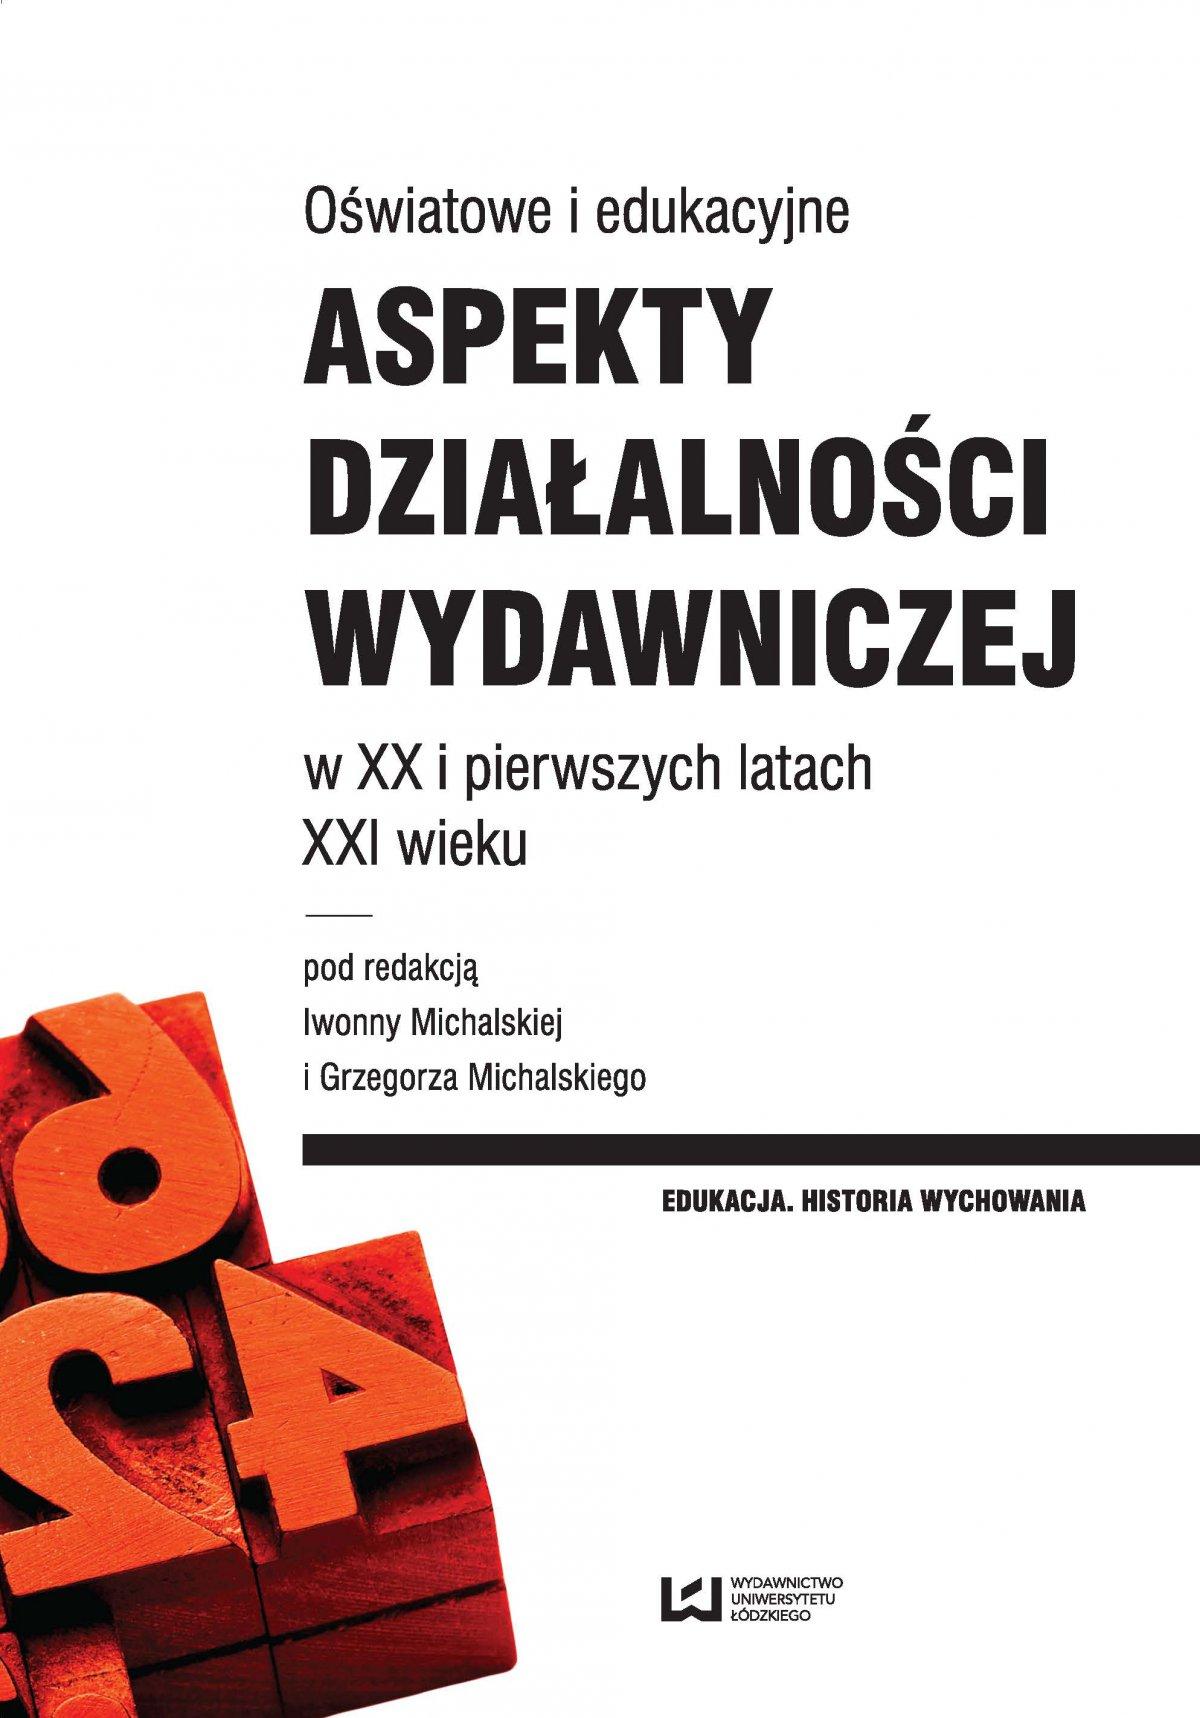 Oświatowe i edukacyjne aspekty działalności wydawniczej w XX i pierwszych latach XXI wieku - Ebook (Książka PDF) do pobrania w formacie PDF